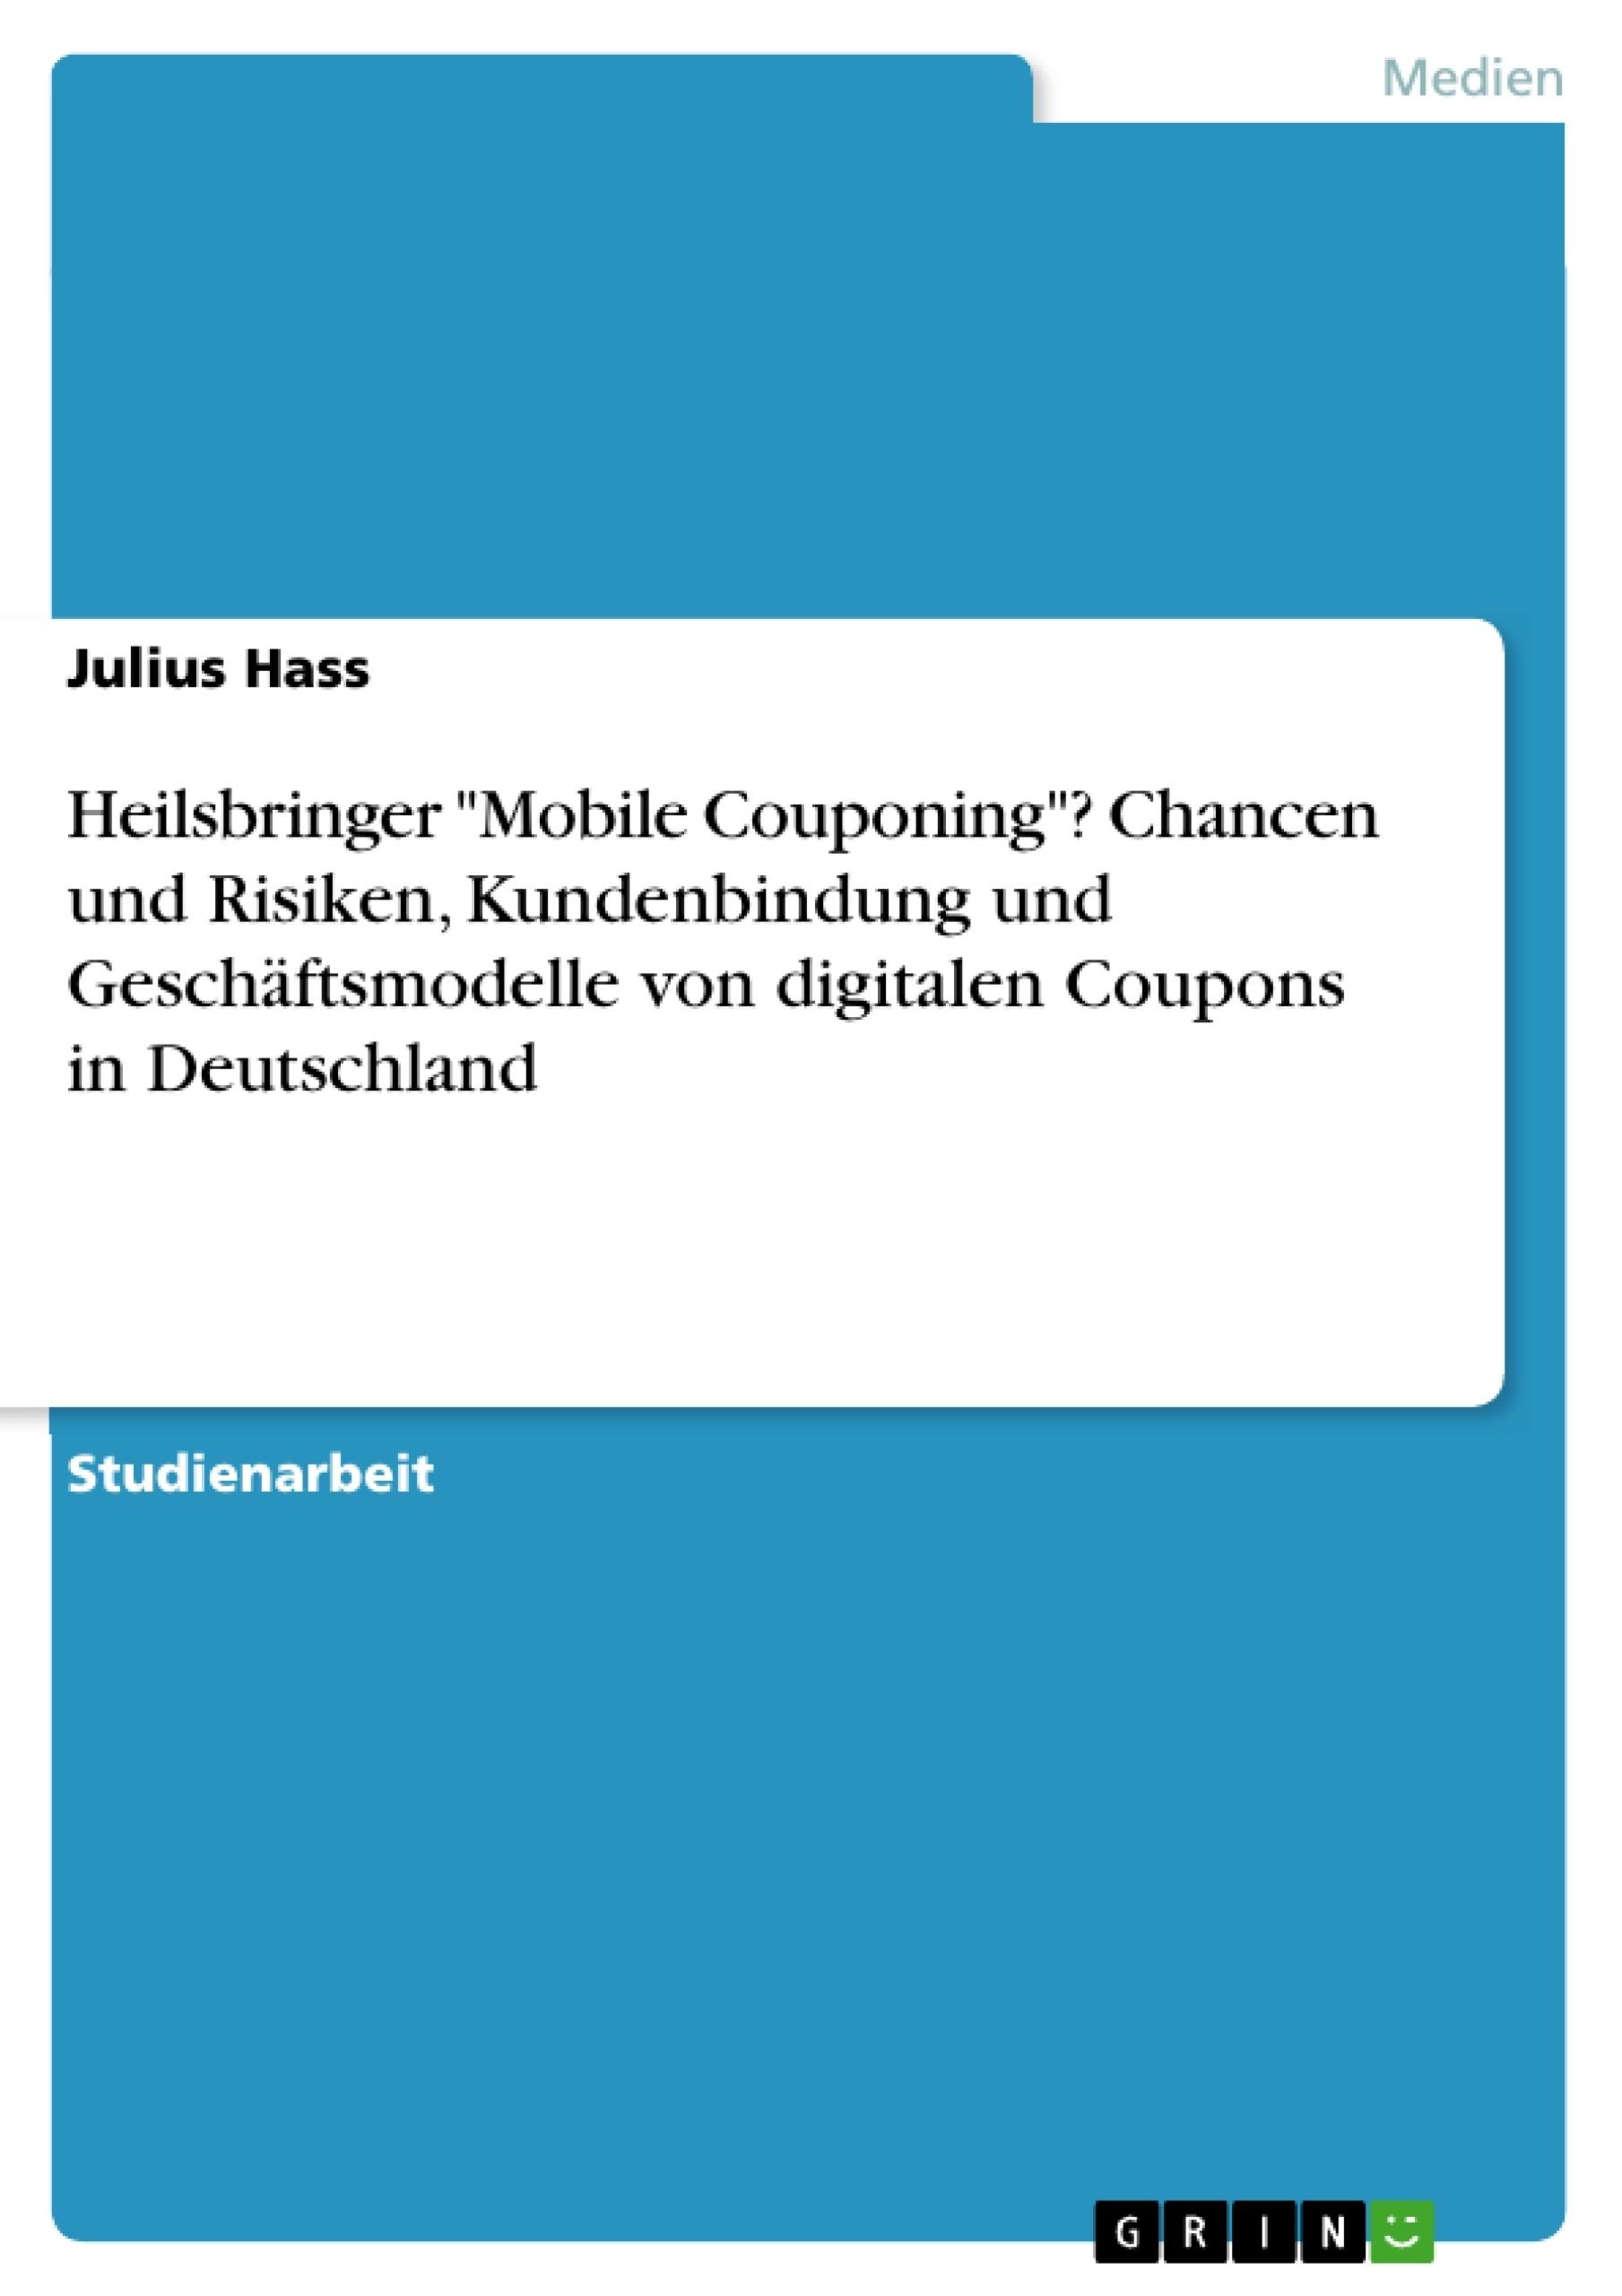 """Titel: Heilsbringer """"Mobile Couponing""""? Chancen und Risiken, Kundenbindung und Geschäftsmodelle von digitalen Coupons in Deutschland"""